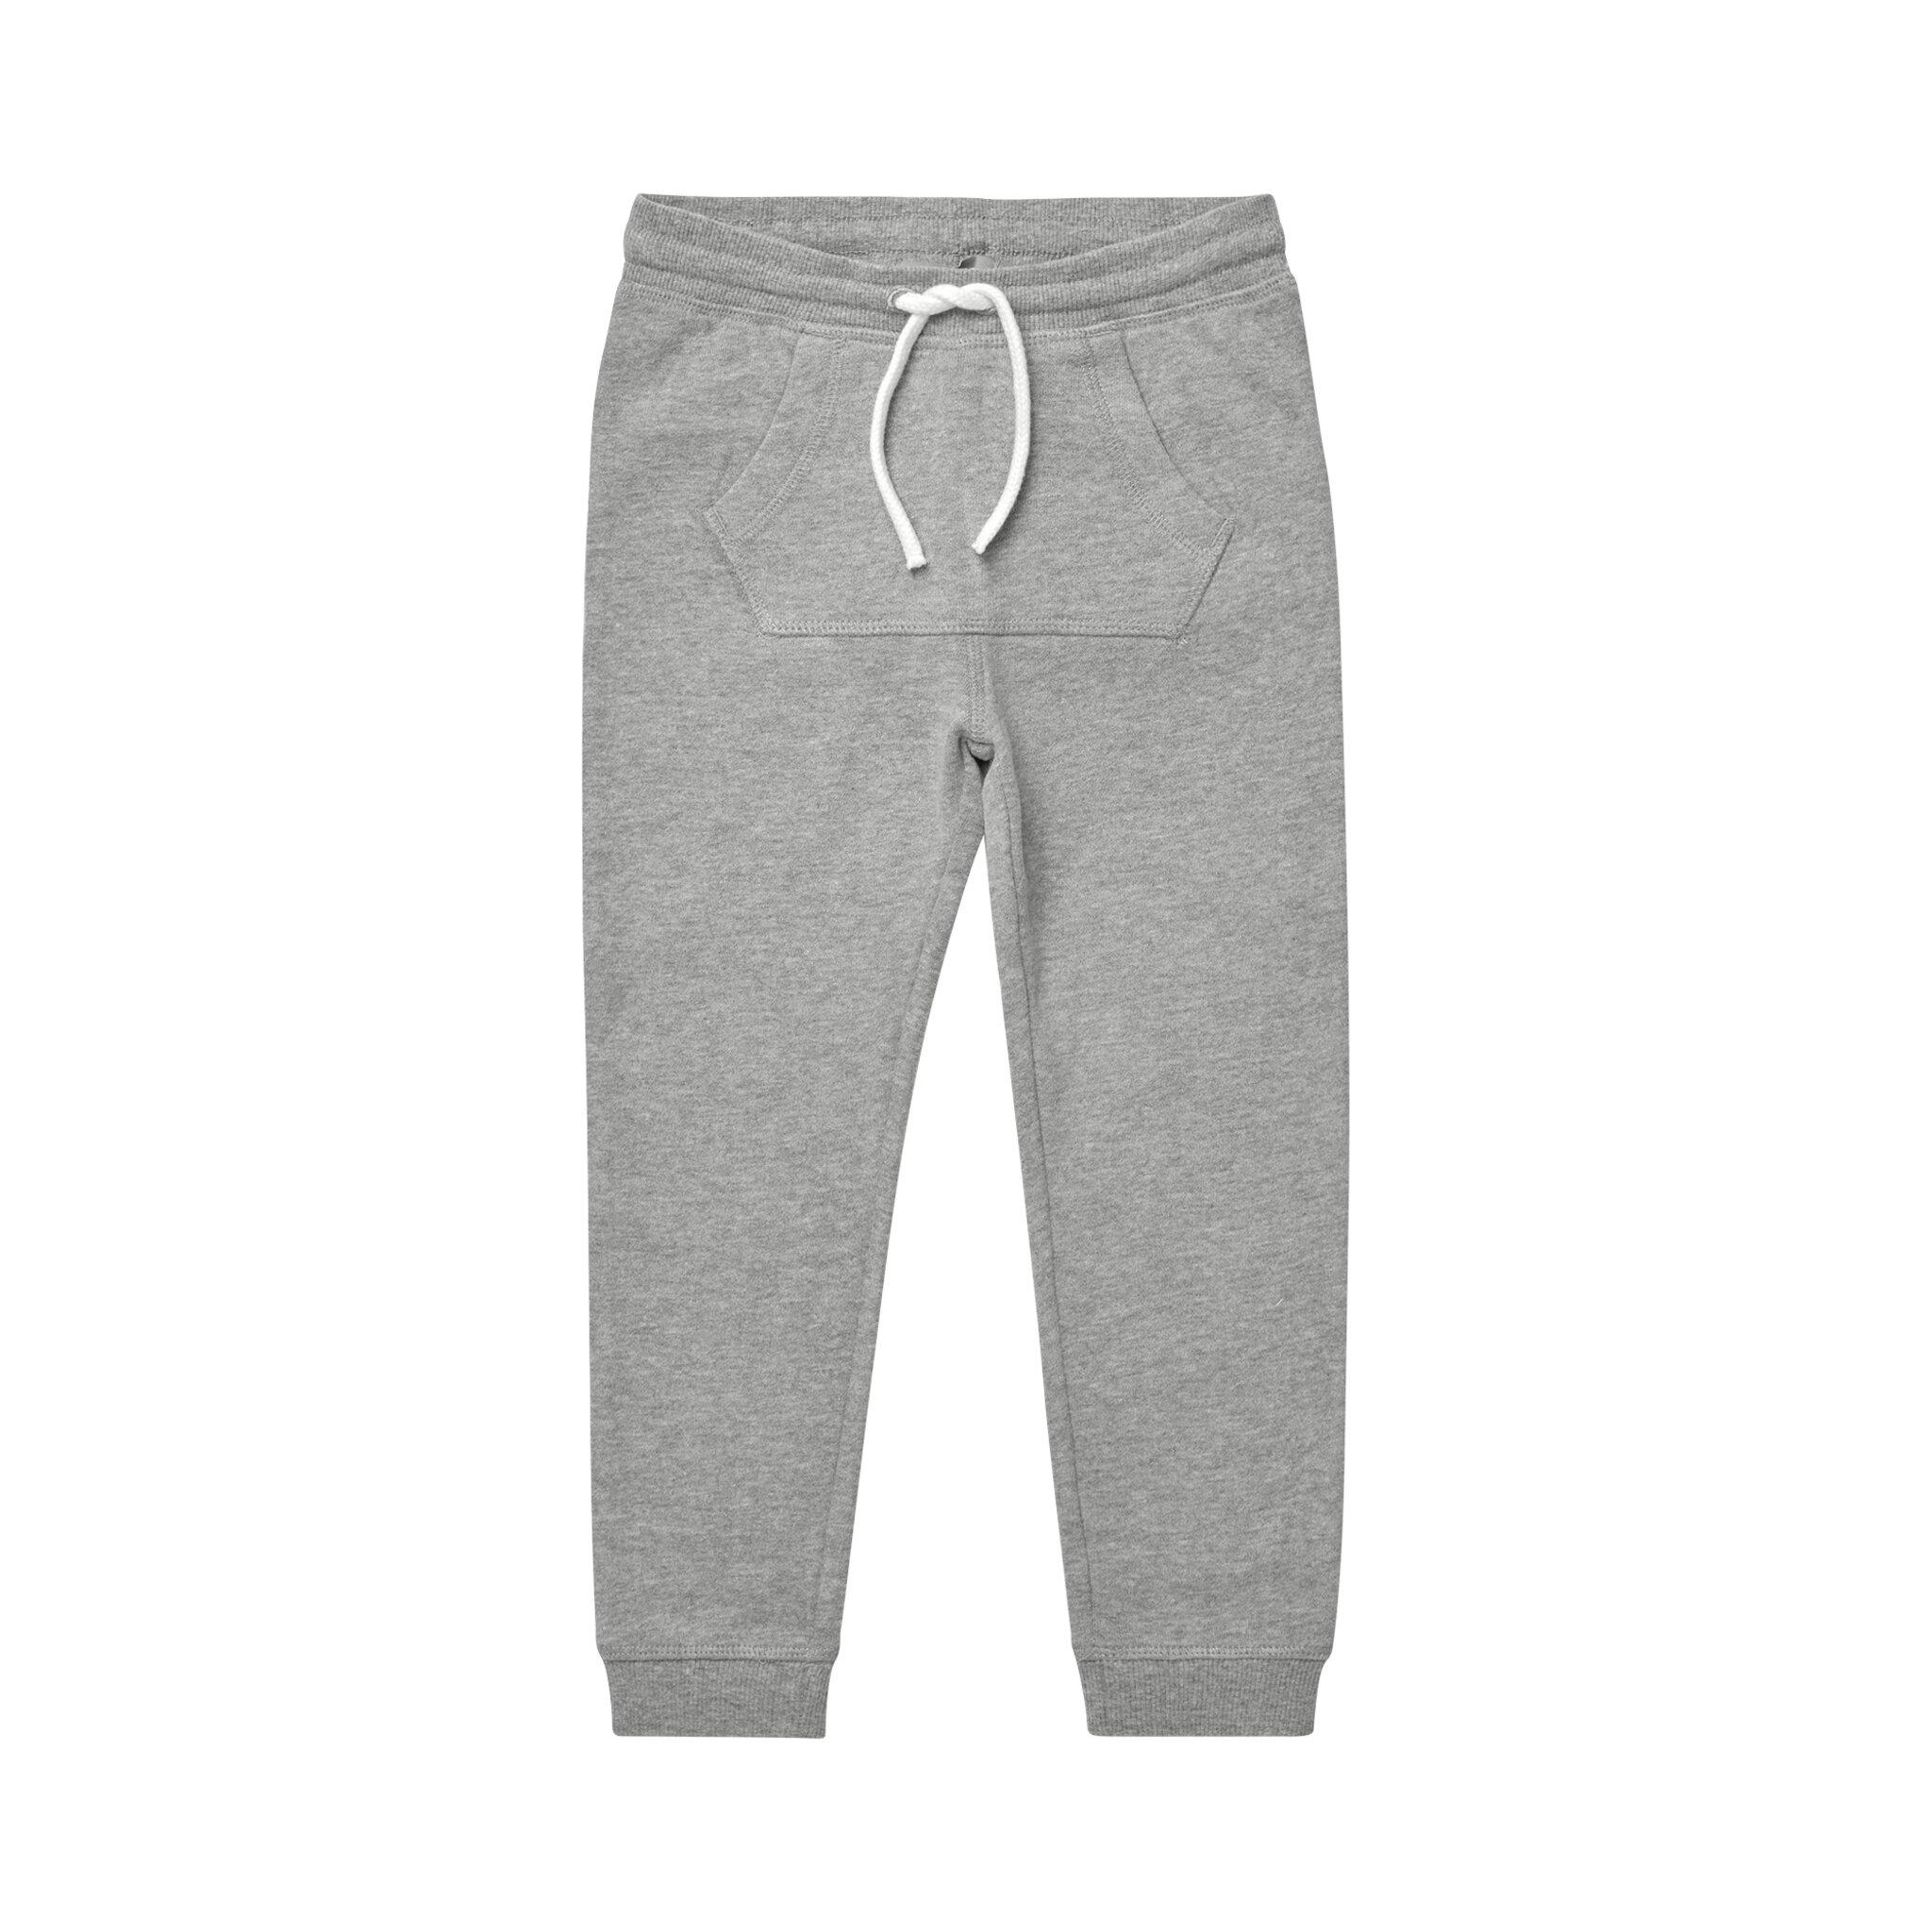 Mjukisbyxor - Byxor   shorts - Köp online på åhlens.se! 74a2d46112c96